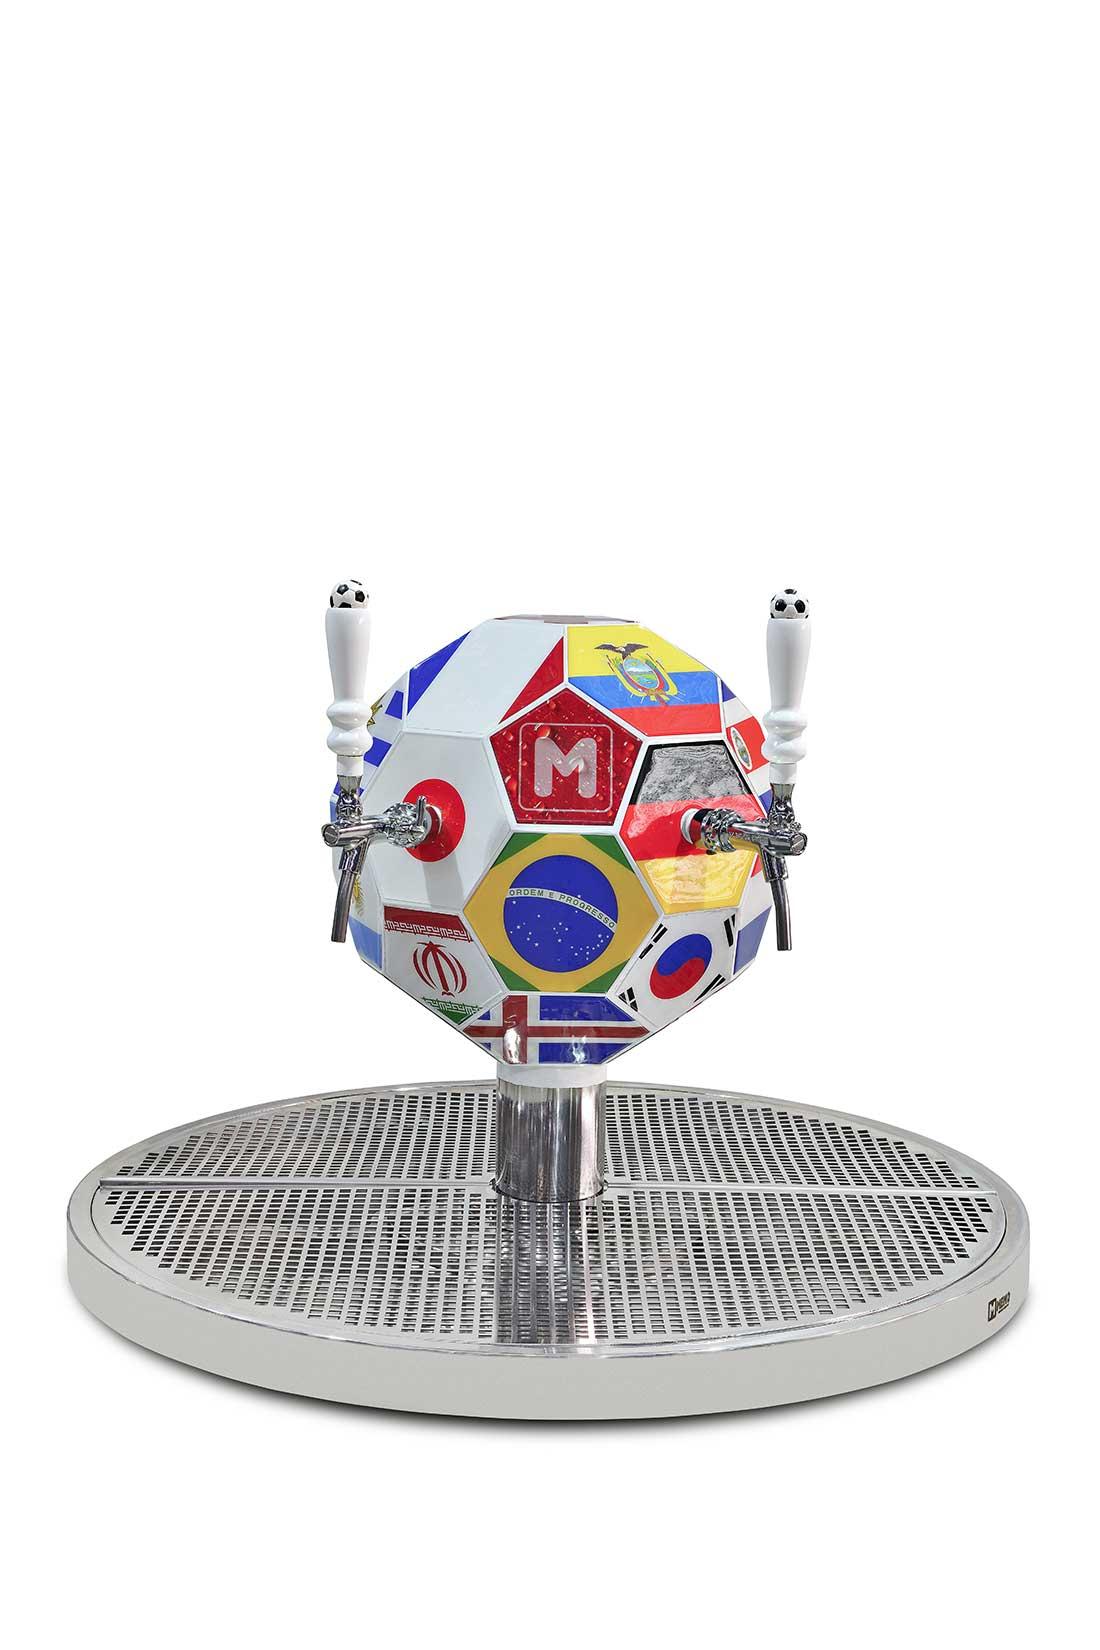 Torre-bola-com pré-resfriador Advantage